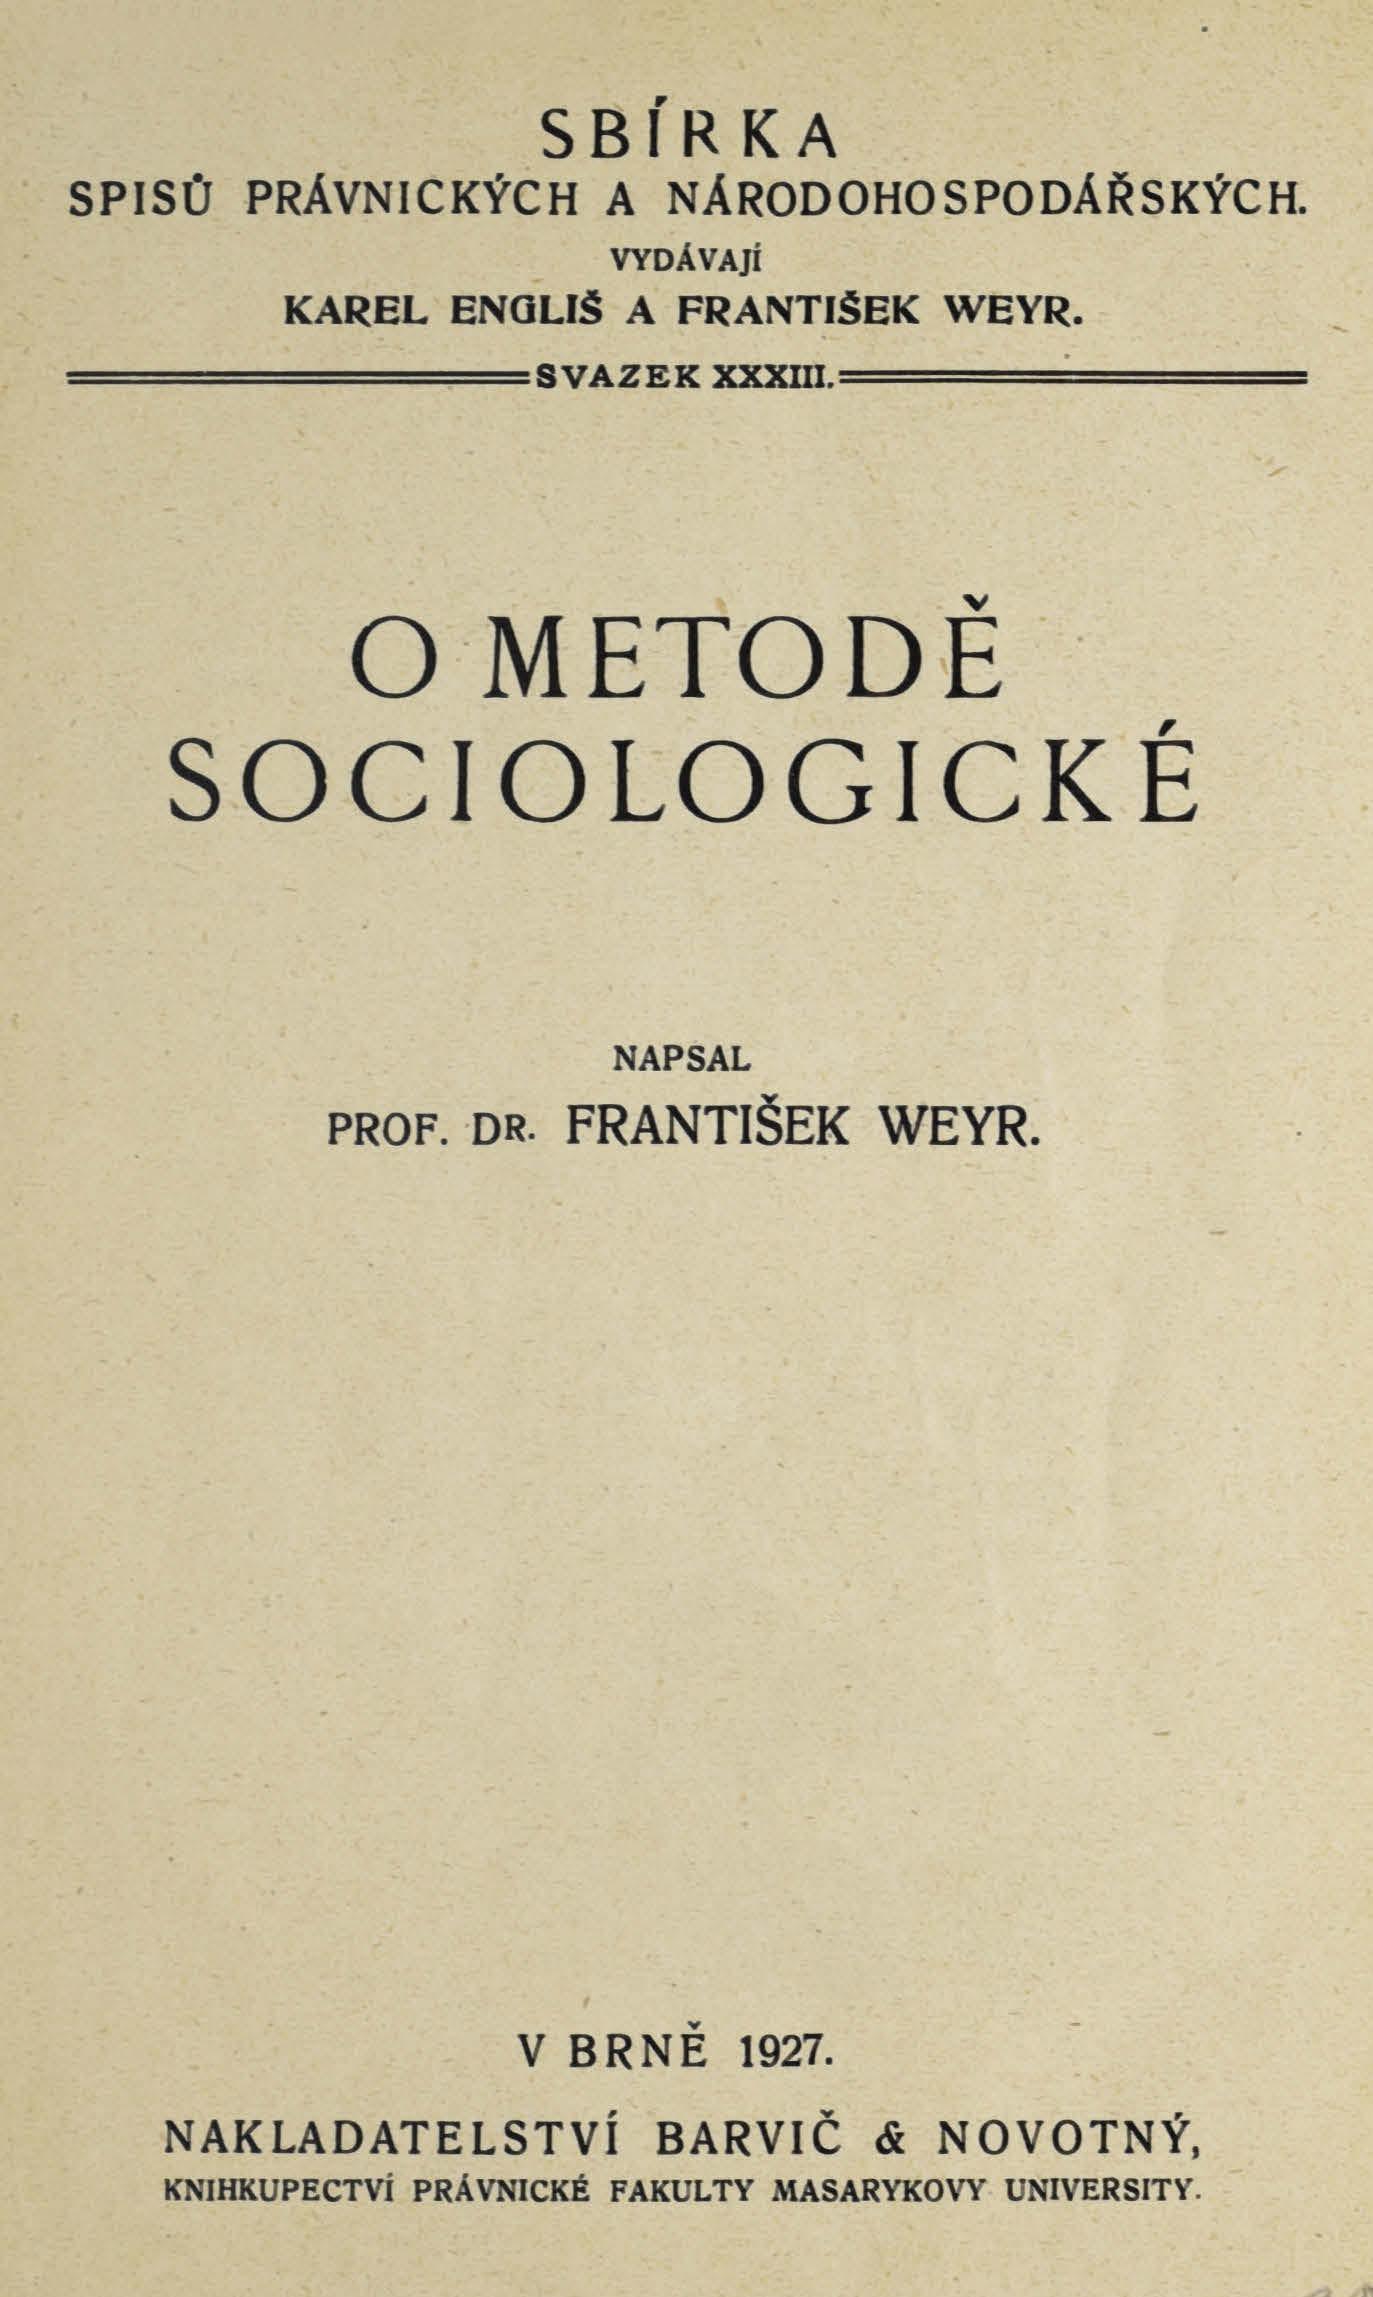 Obálka pro O metodě sociologické